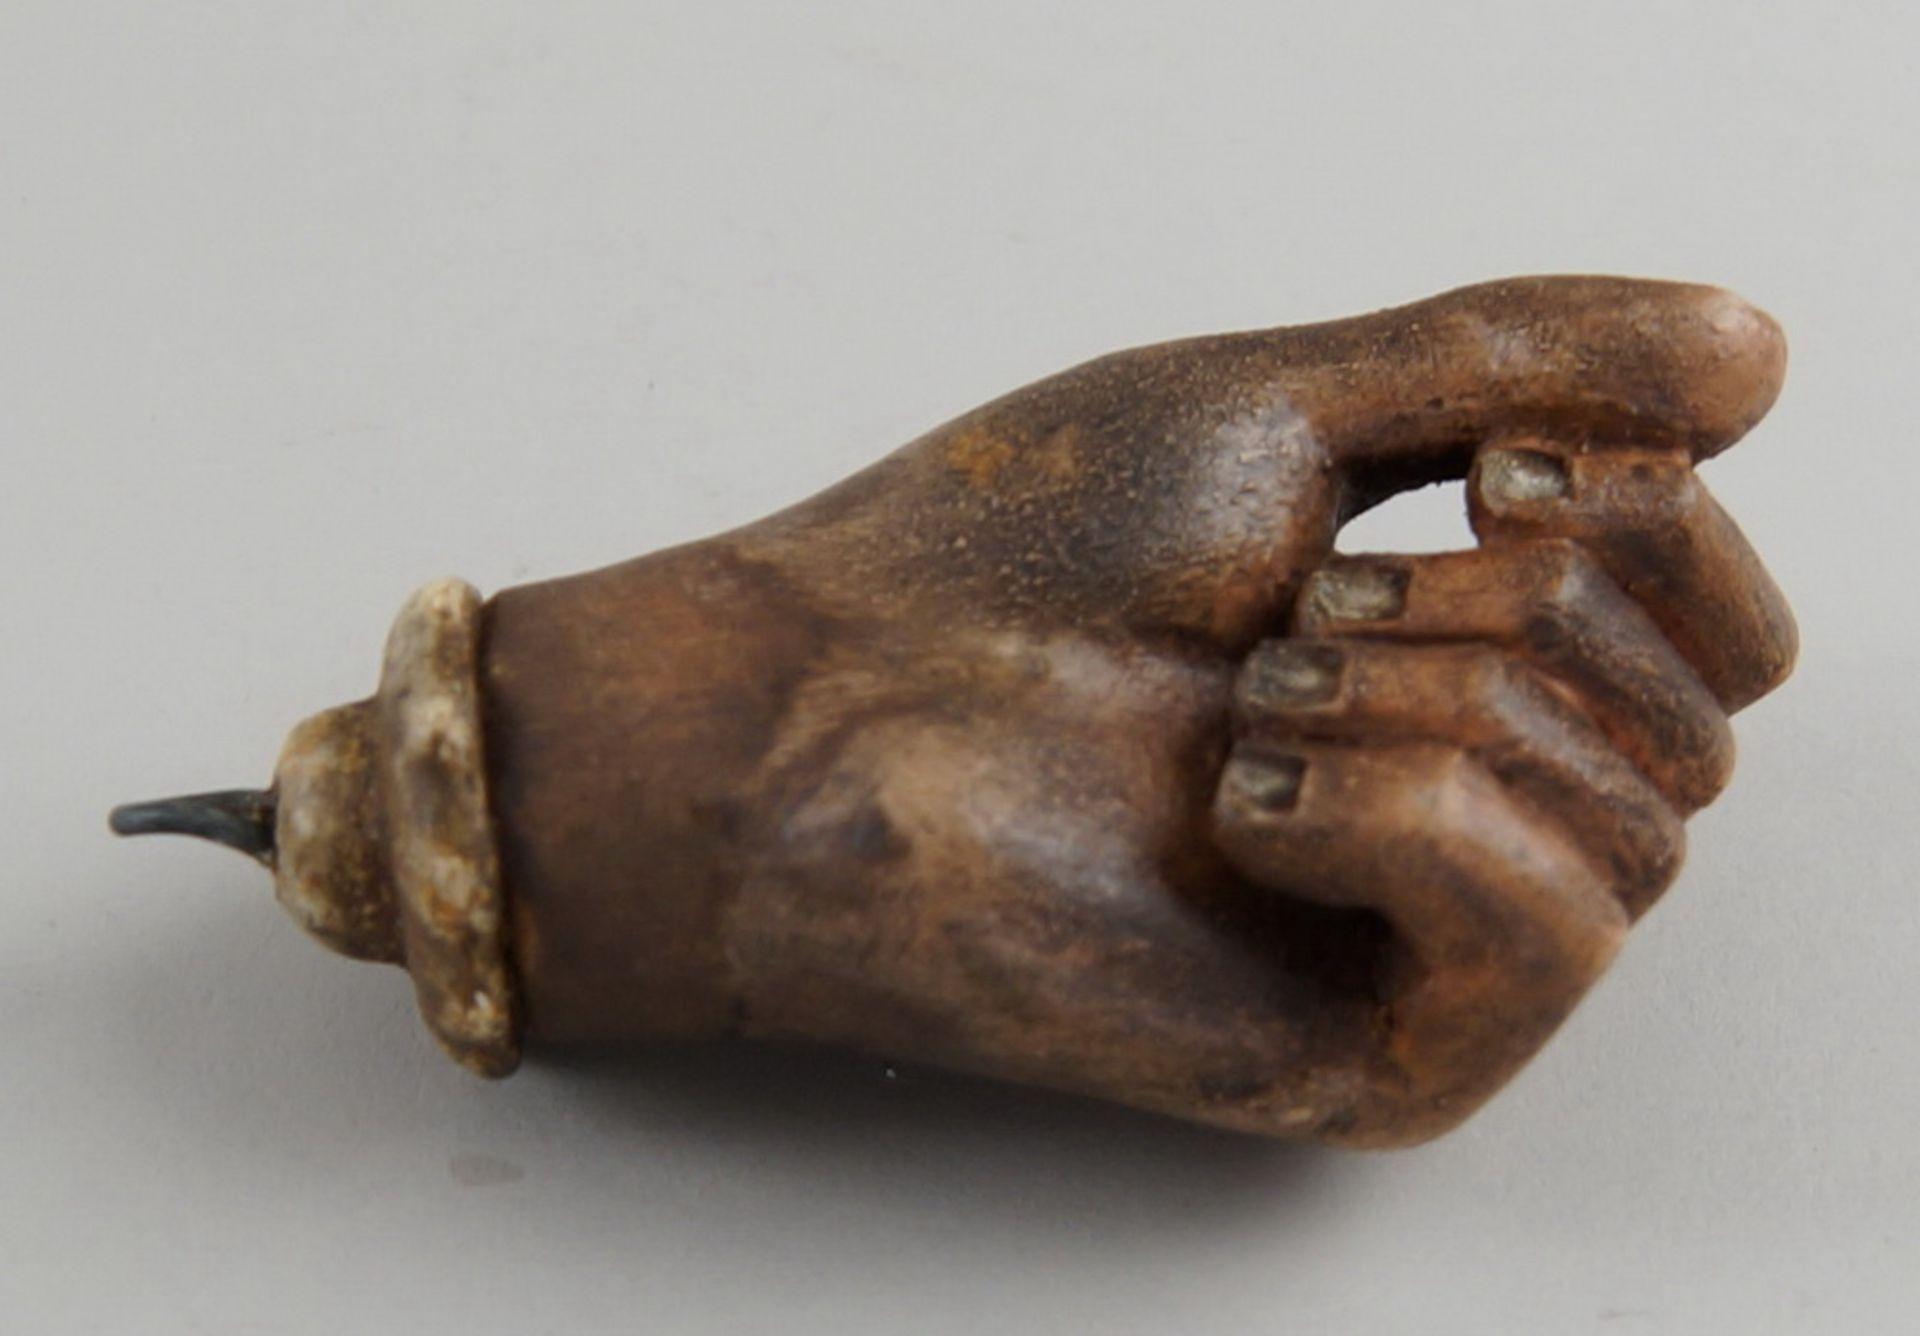 Los 10 - Votivgabe, Hand, Holz geschnitzt und gefasst, datiert 1759, 8,5cm